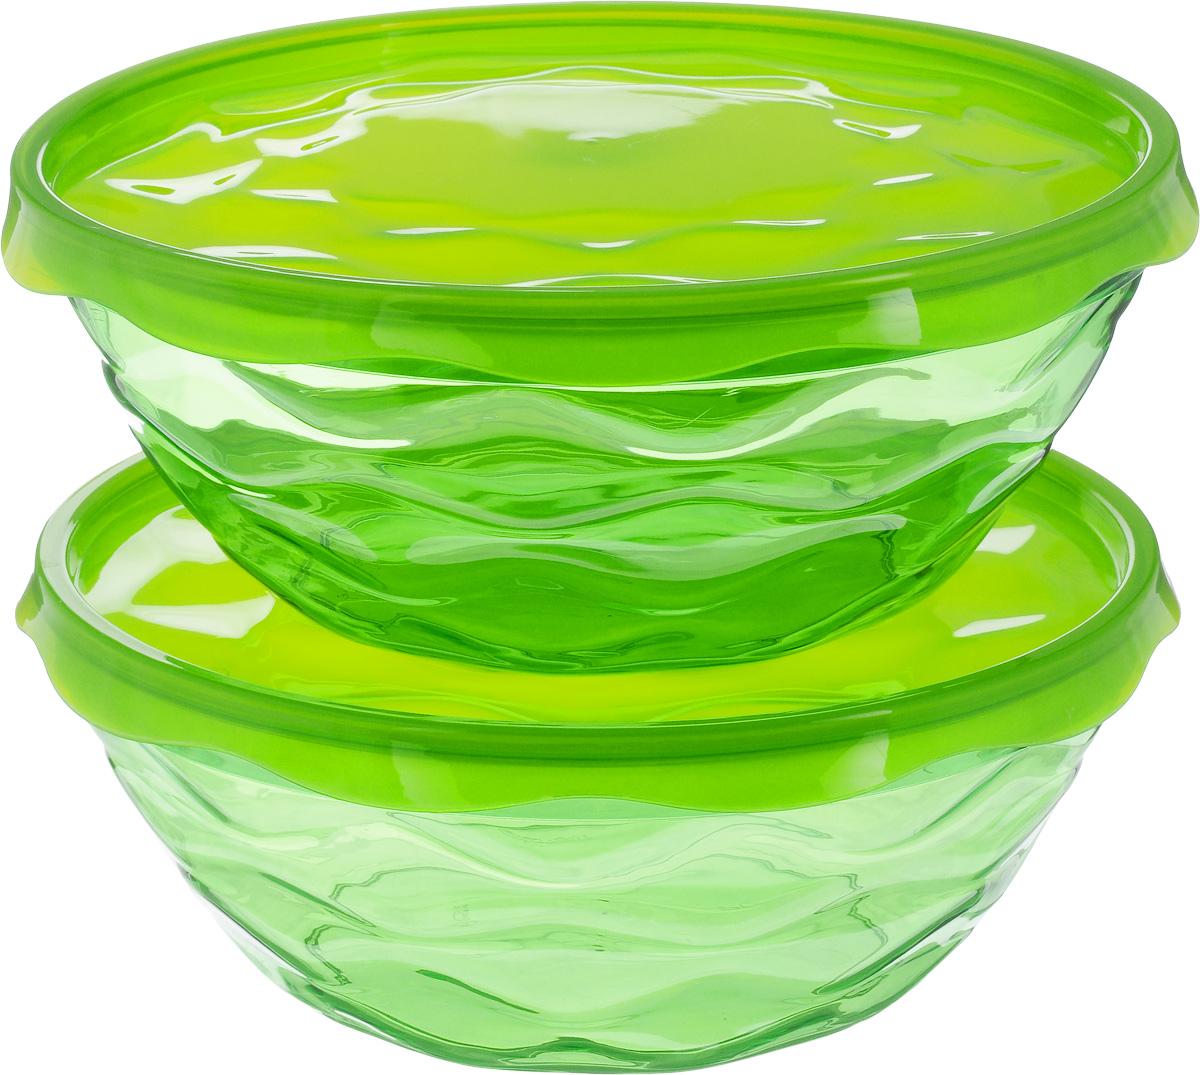 Набор салатников Giaretti Riva, с крышками, цвет: зеленый, 2 шт. GR185954 009312Набор Giaretti Riva, состоящий из двух салатниц с плотно закрывающимисякрышками, сочетает в себе изысканный дизайн с максимальной функциональностью. Салатники выполнены из высококачественного пластика. Такой набор прекрасно подходит как для хранения продуктов в холодильнике, так и для сервировки стола.Можно мыть в посудомоечной машине.Характеристика салатницы №1 и №2: Объем: 2,5 л.Диаметр (по верхнему краю): 23 см. Высота стенки: 9 см. Диаметр крышки: 24,5 см.